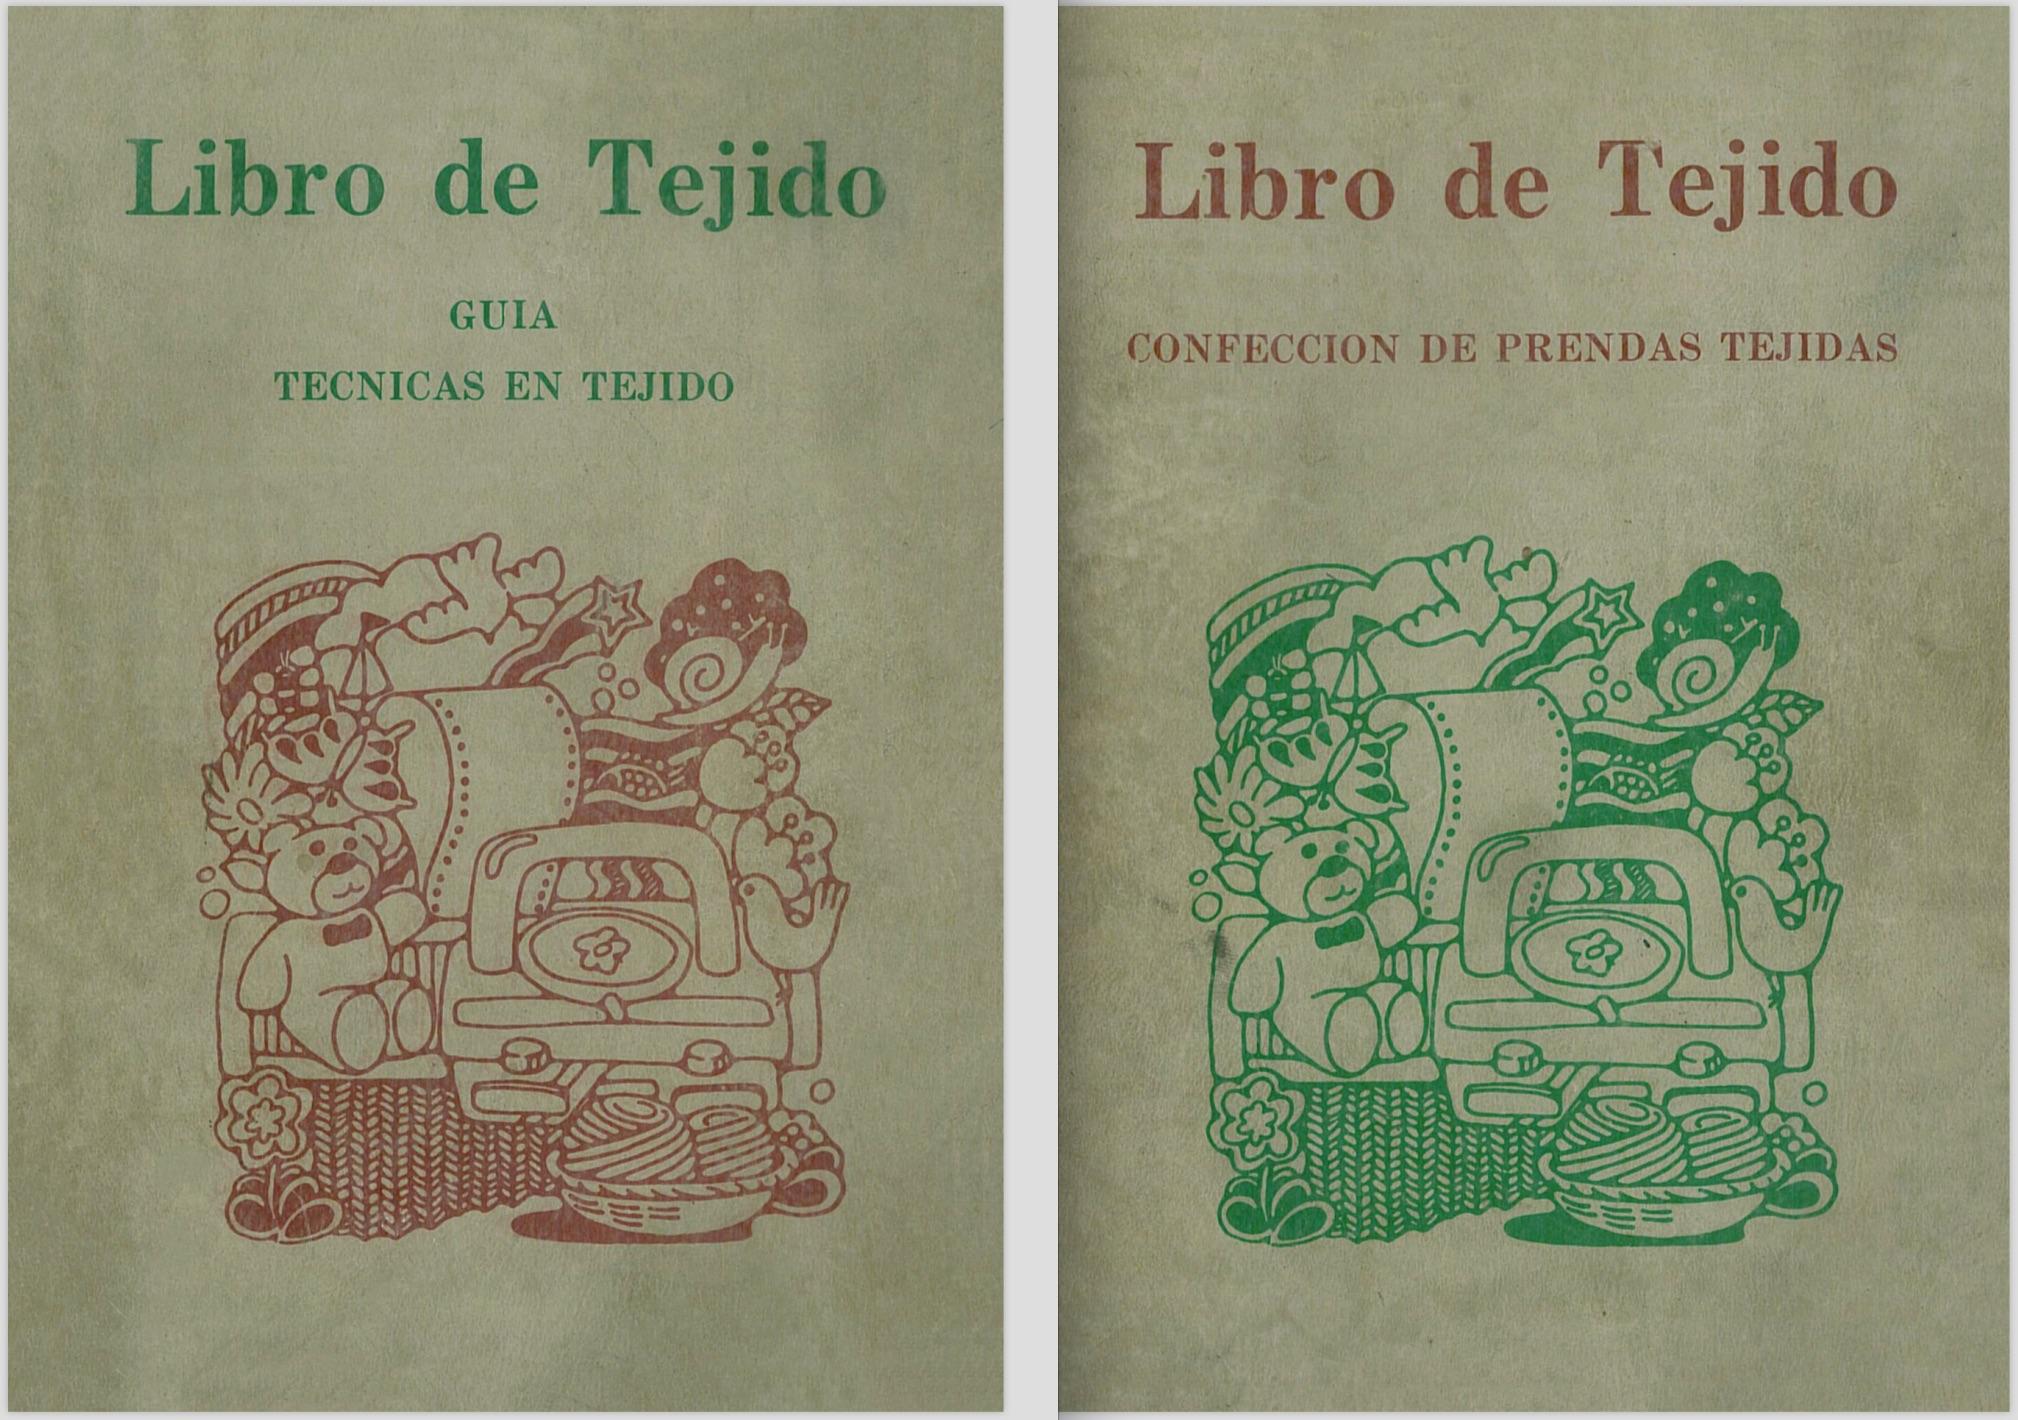 libros de tejido 2